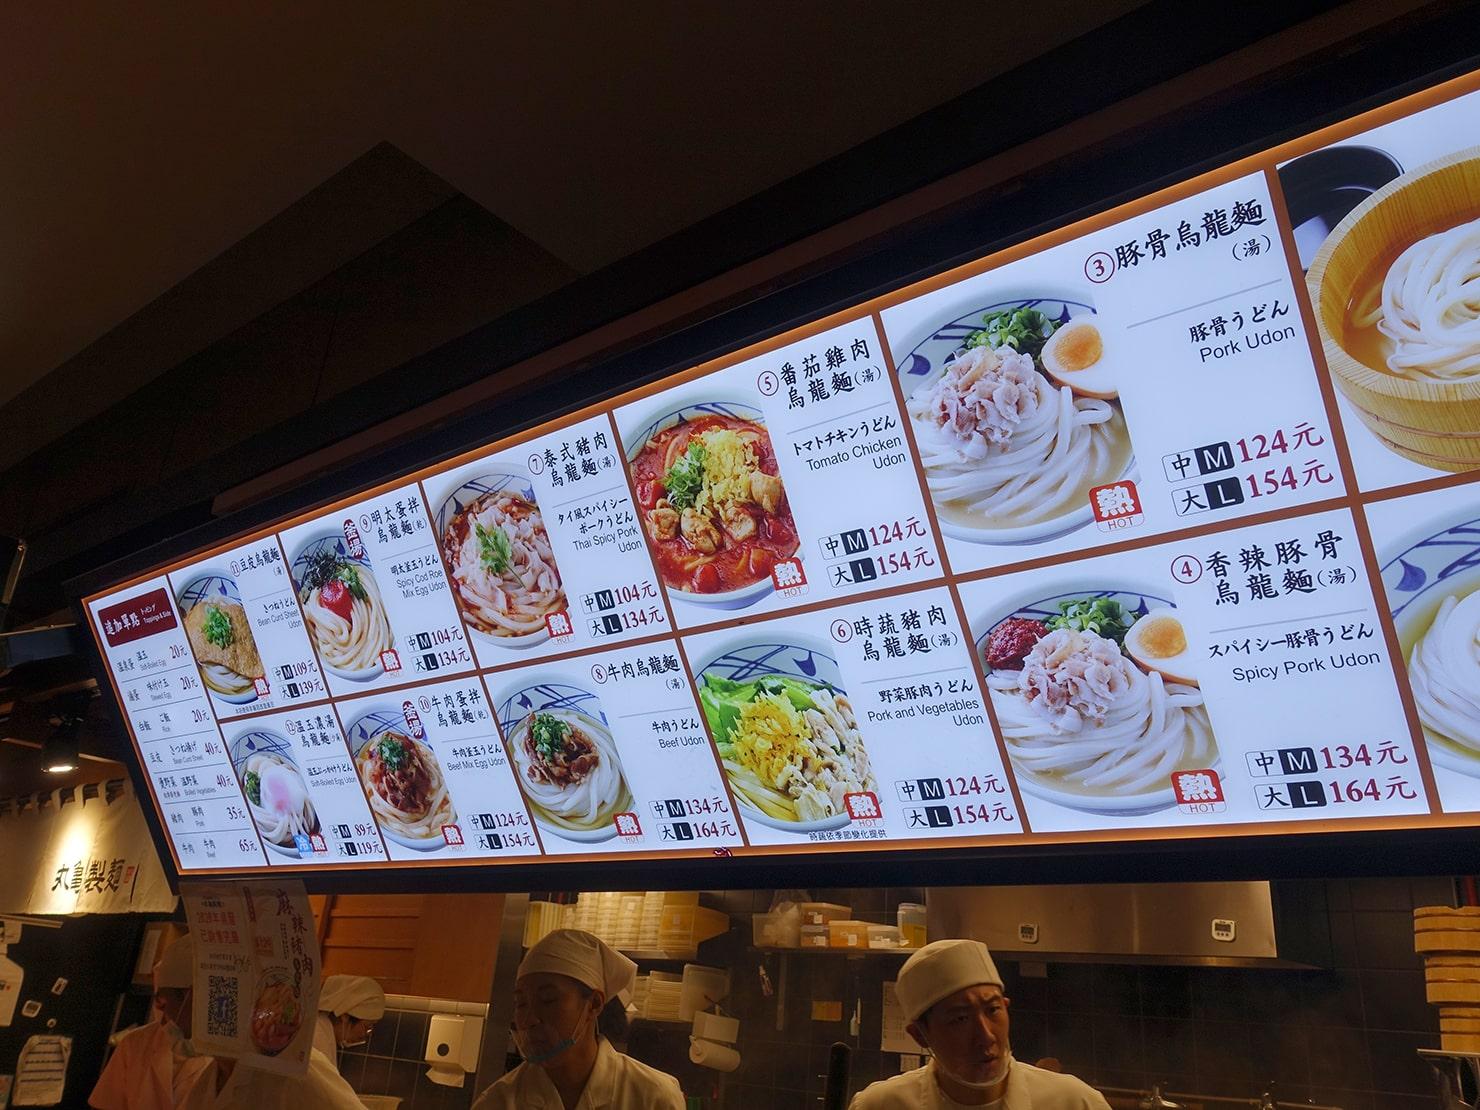 台湾「丸亀製麺」のメニュー